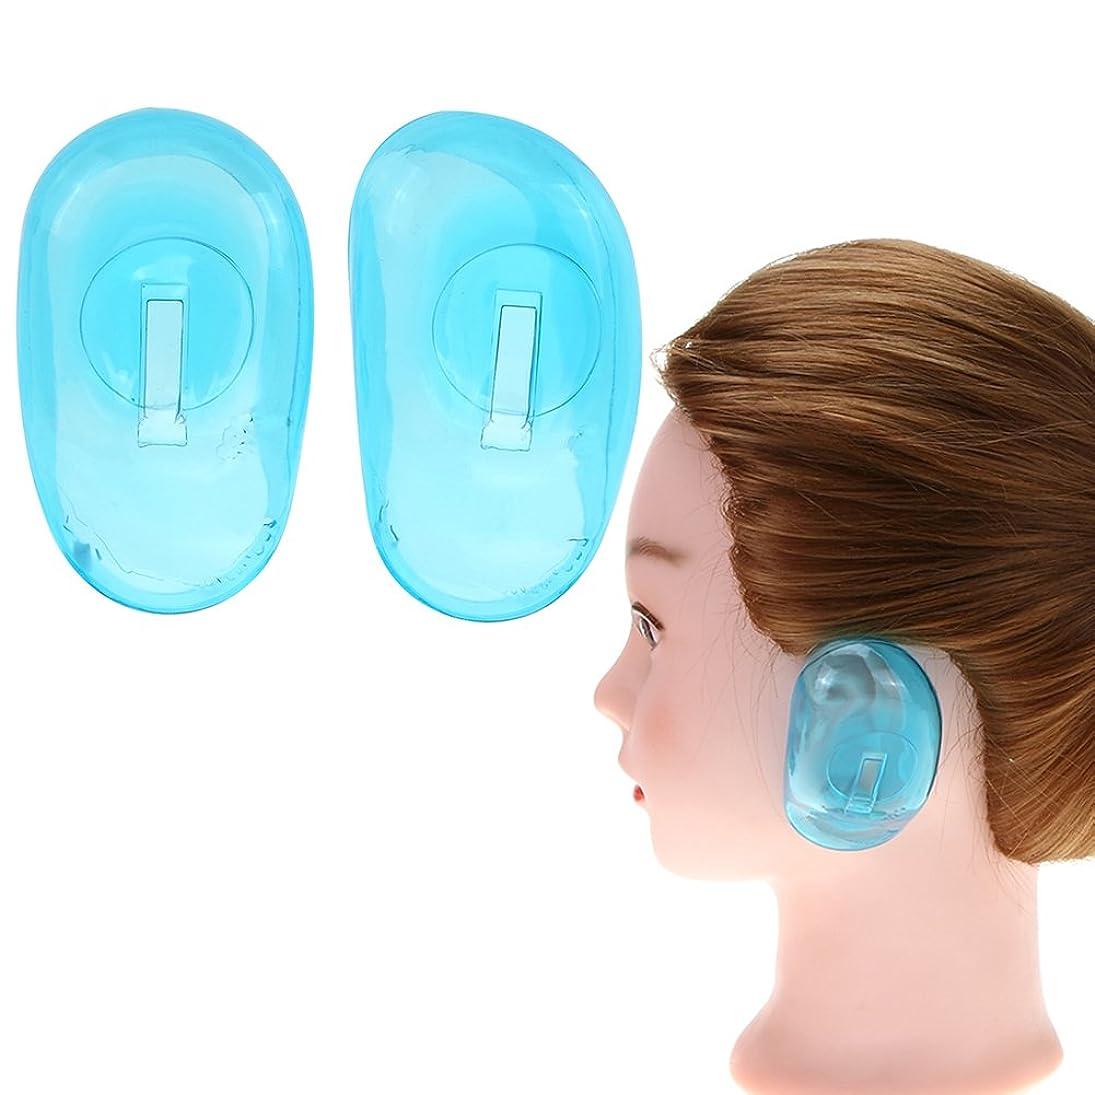 工業用予知独裁者Ruier-tong 1ペア耳カバー 毛染め用 シリコン製 耳キャップ 柔らかいイヤーキャップ ヘアカラー シャワー 耳保護 ヘアケアツール サロン 洗える 繰り返す使用可能 エコ 8.5x5cm